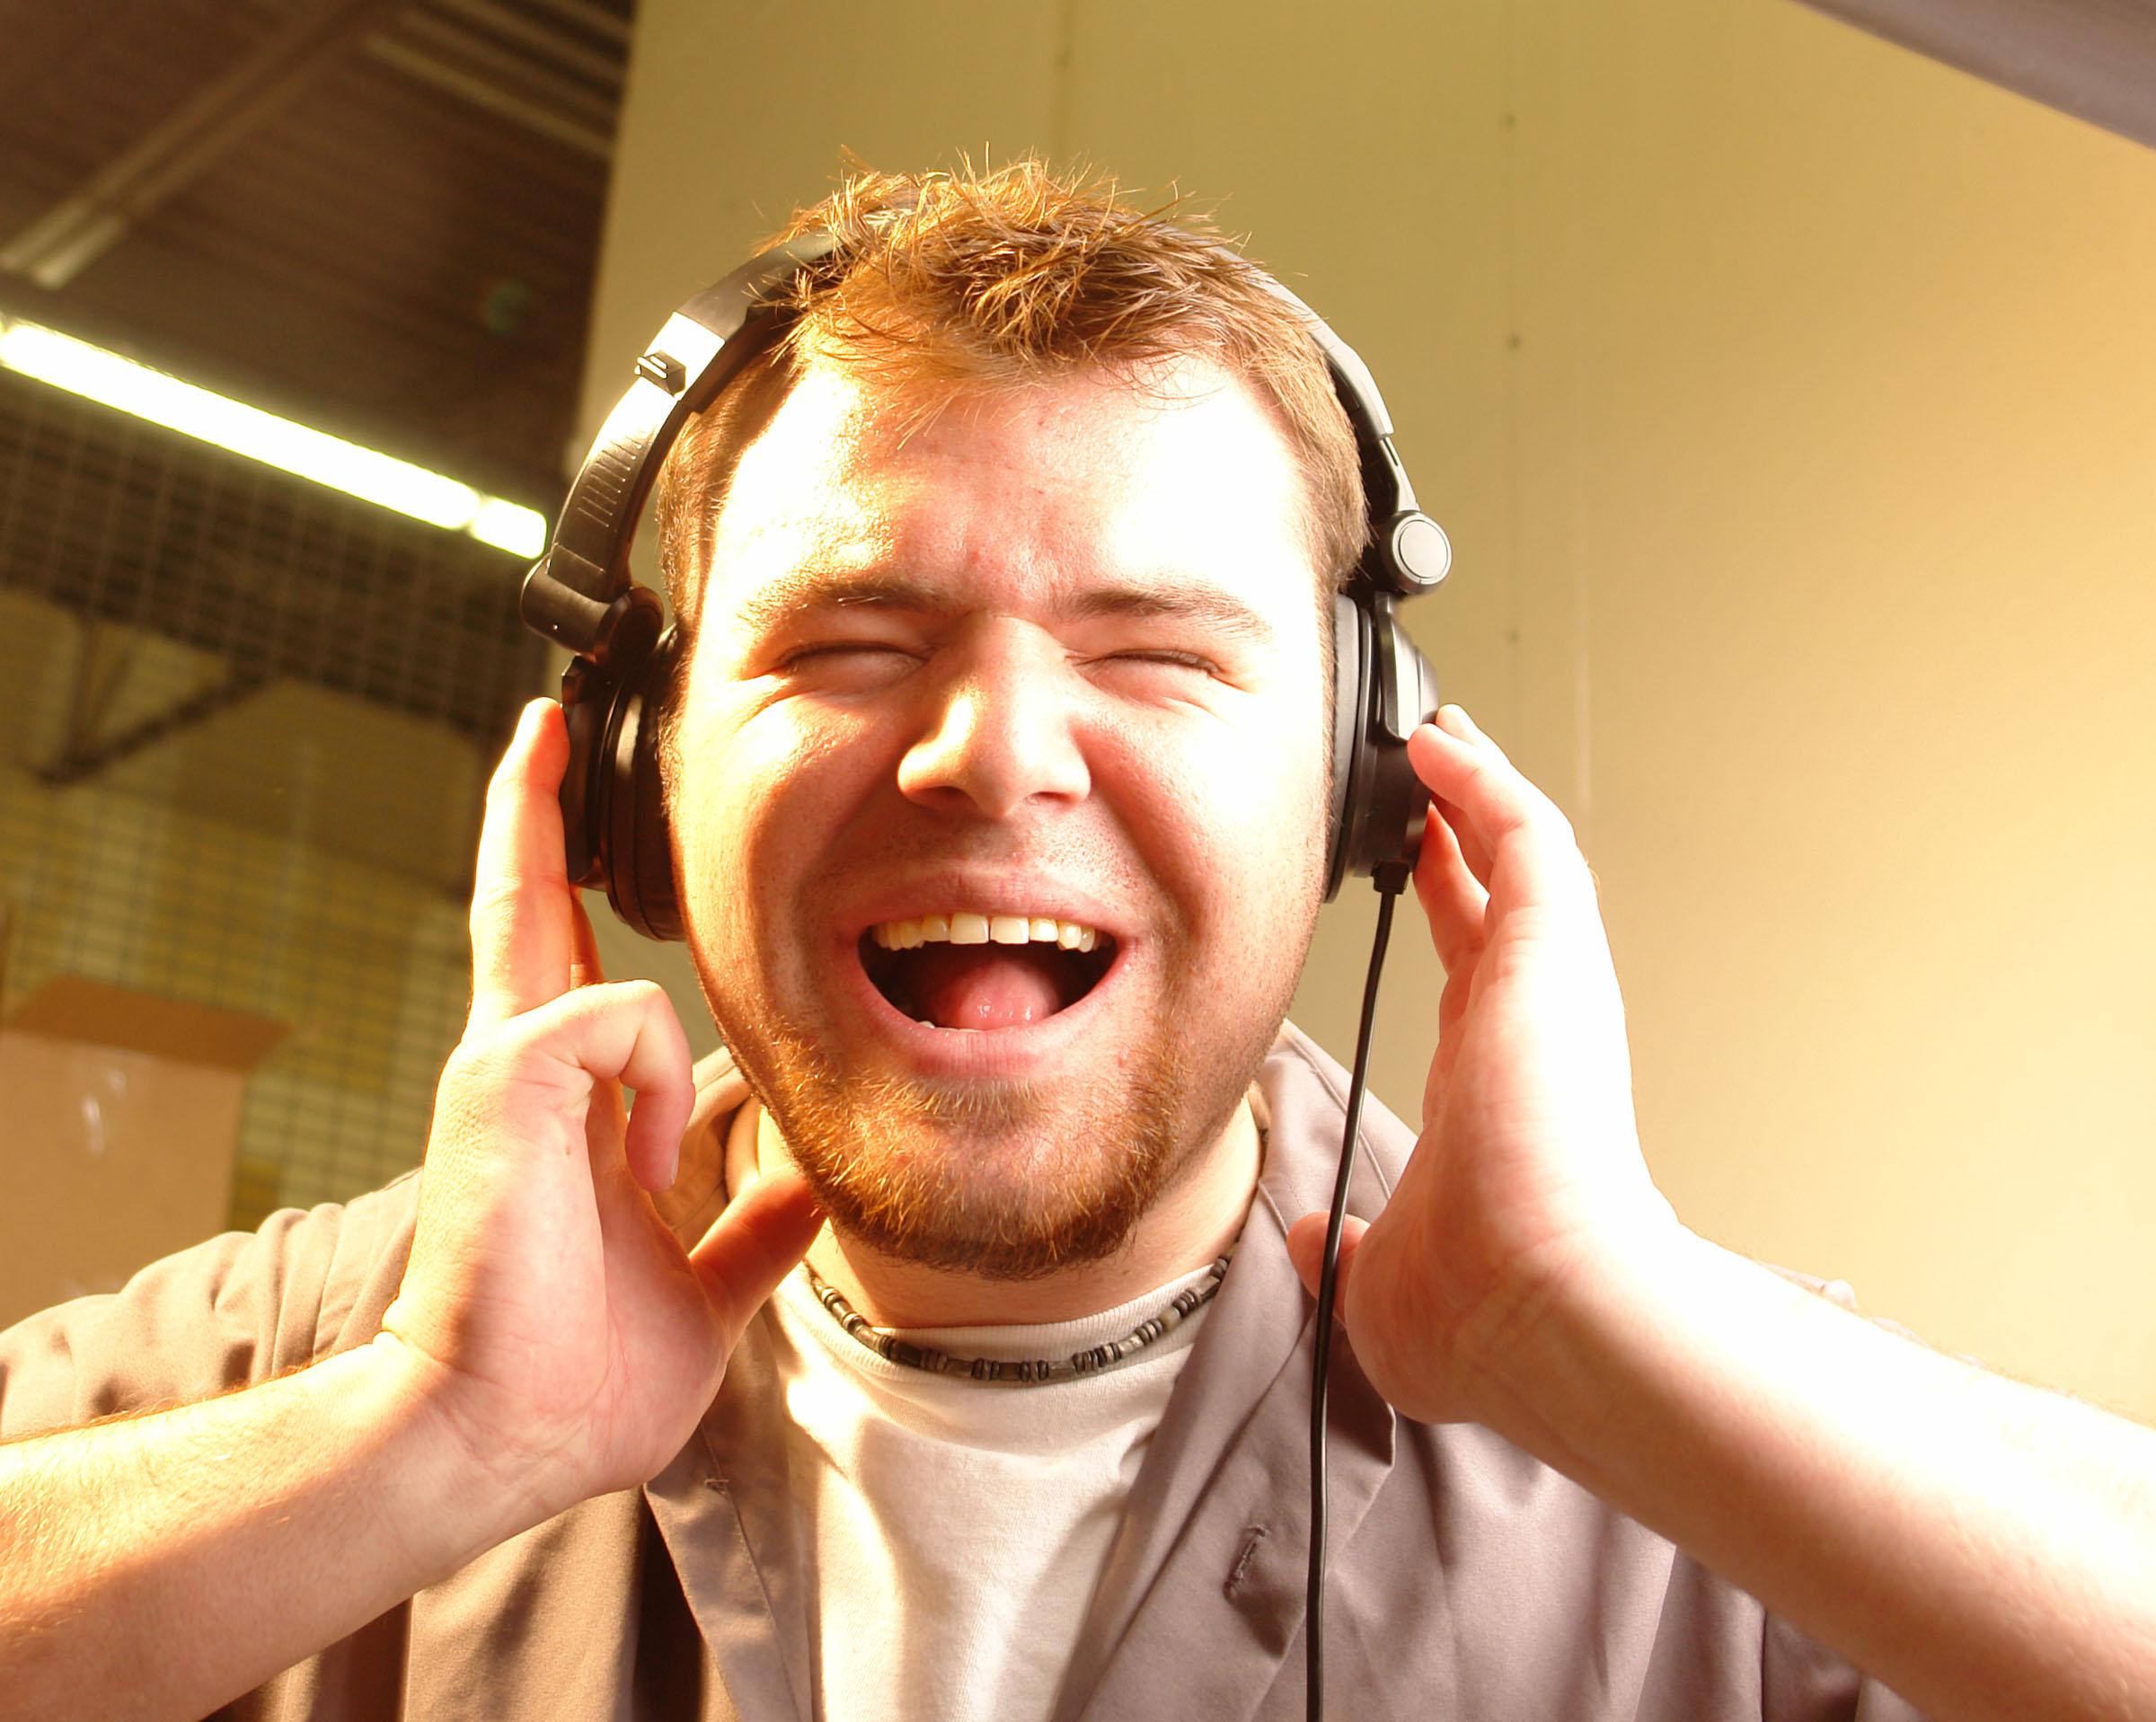 Учени: Влиянието на музиката върху човека е недооценено